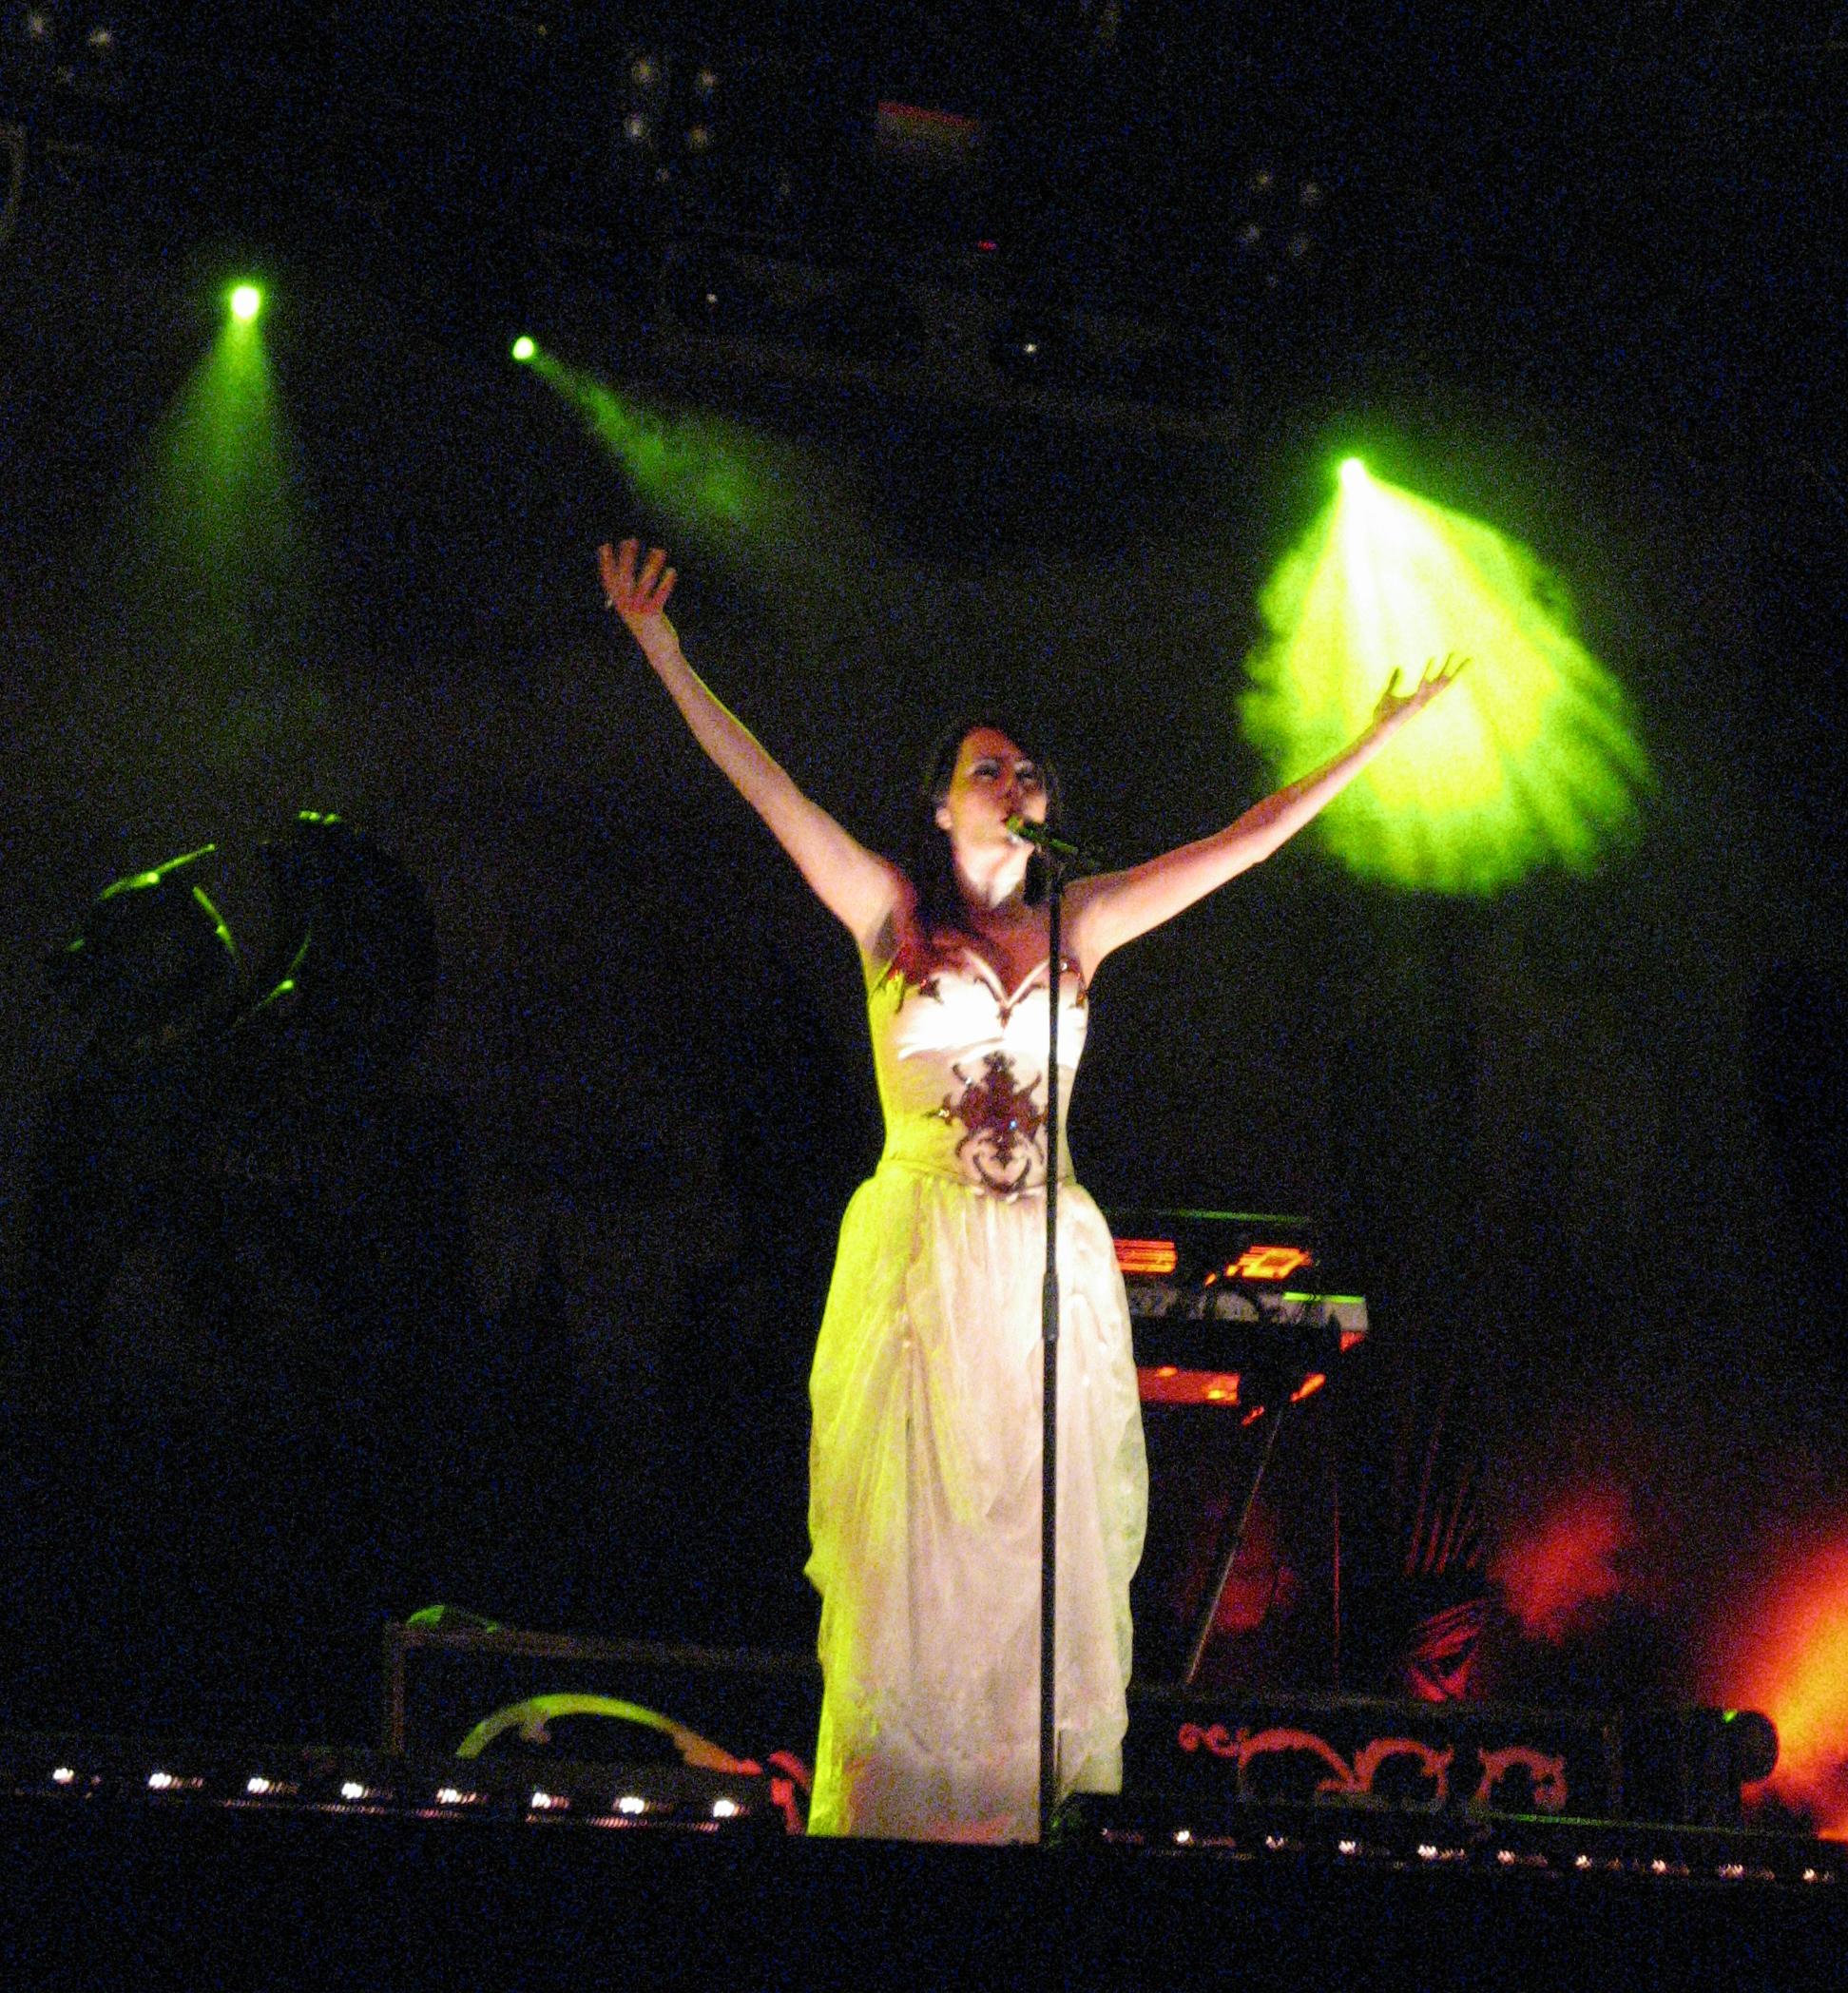 http://upload.wikimedia.org/wikipedia/commons/b/b1/Bevrijdingsfestival_2008_-_Within_Tempation_-_Sharon_den_Adel_03.jpg